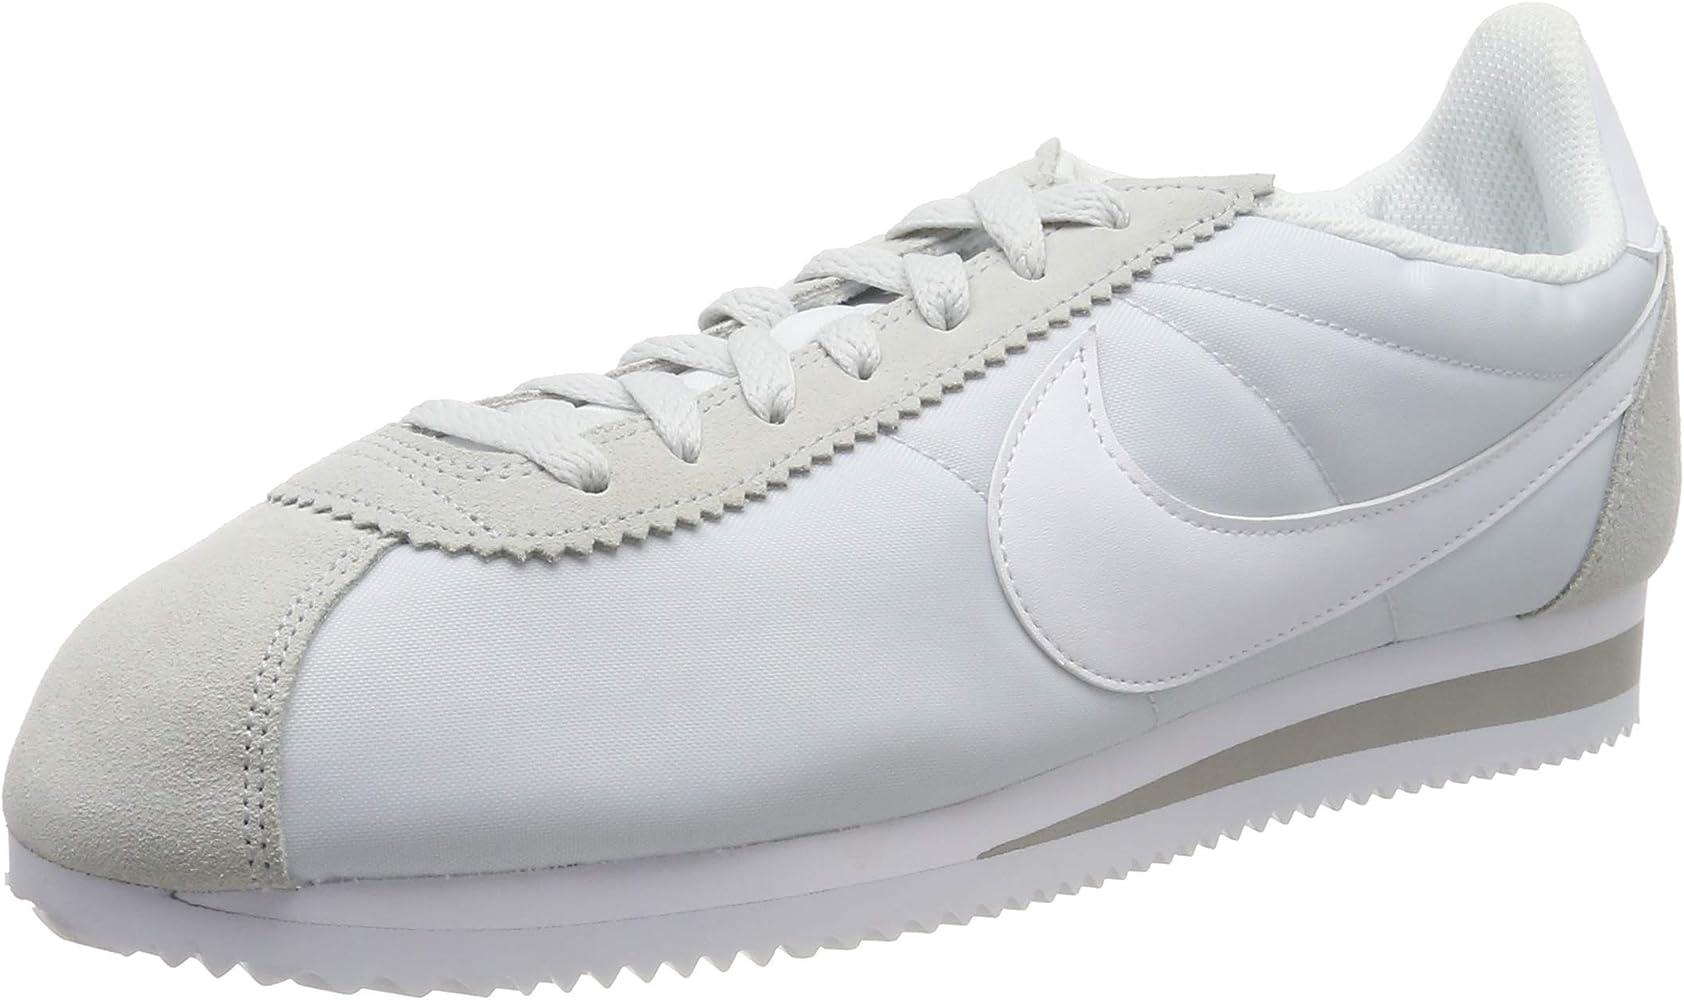 WMNS Classic Cortez Nylon, Sneakers Basses Femme